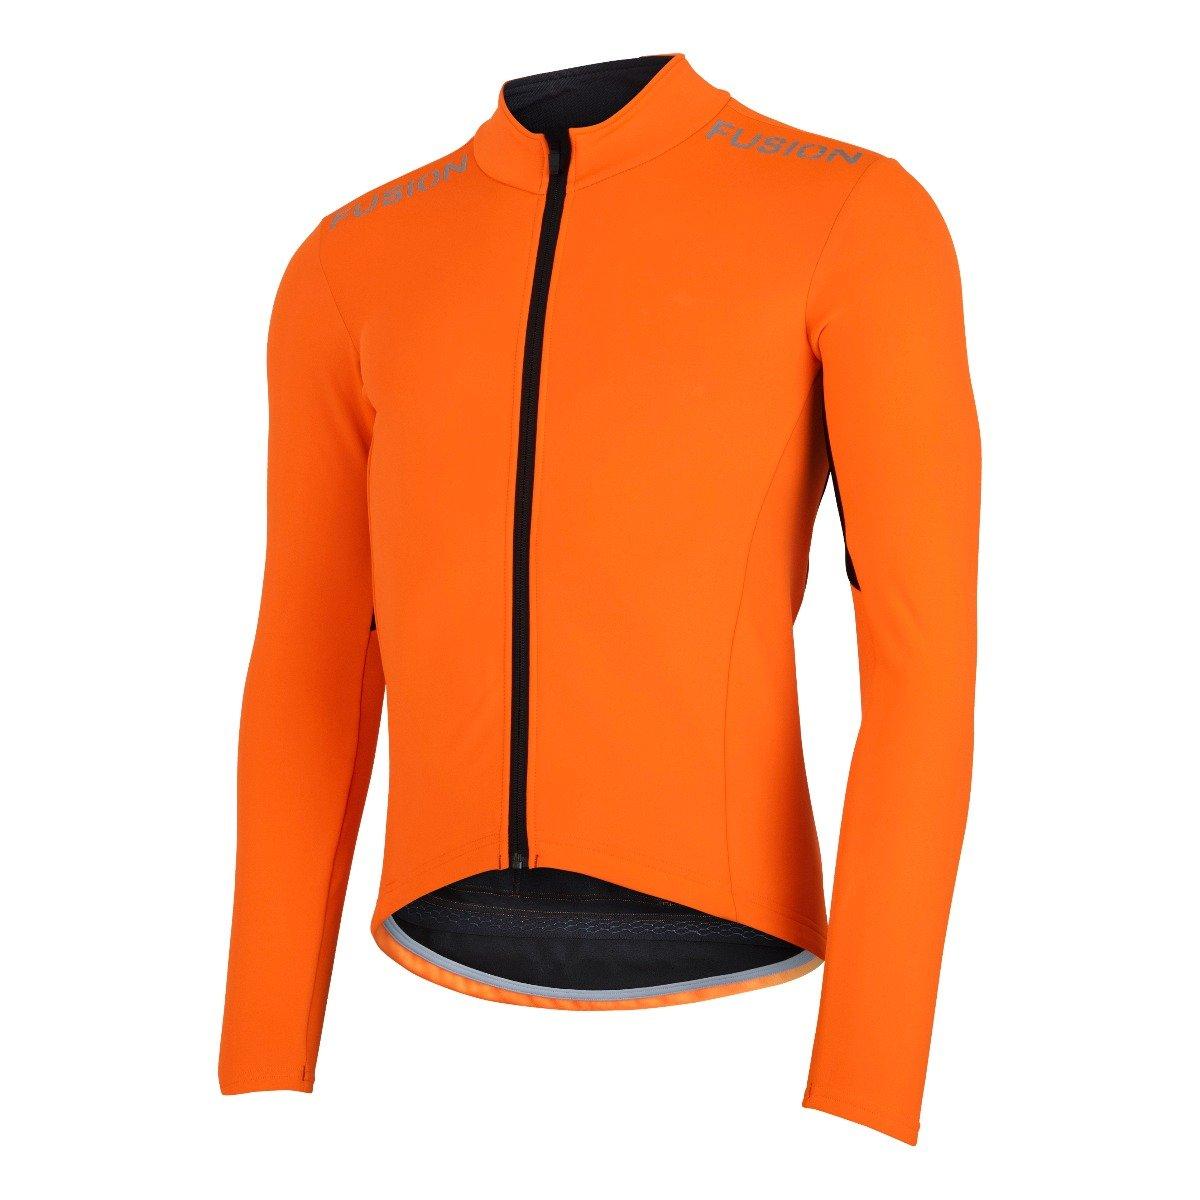 Fusion S3 Cycling Jacket Orange